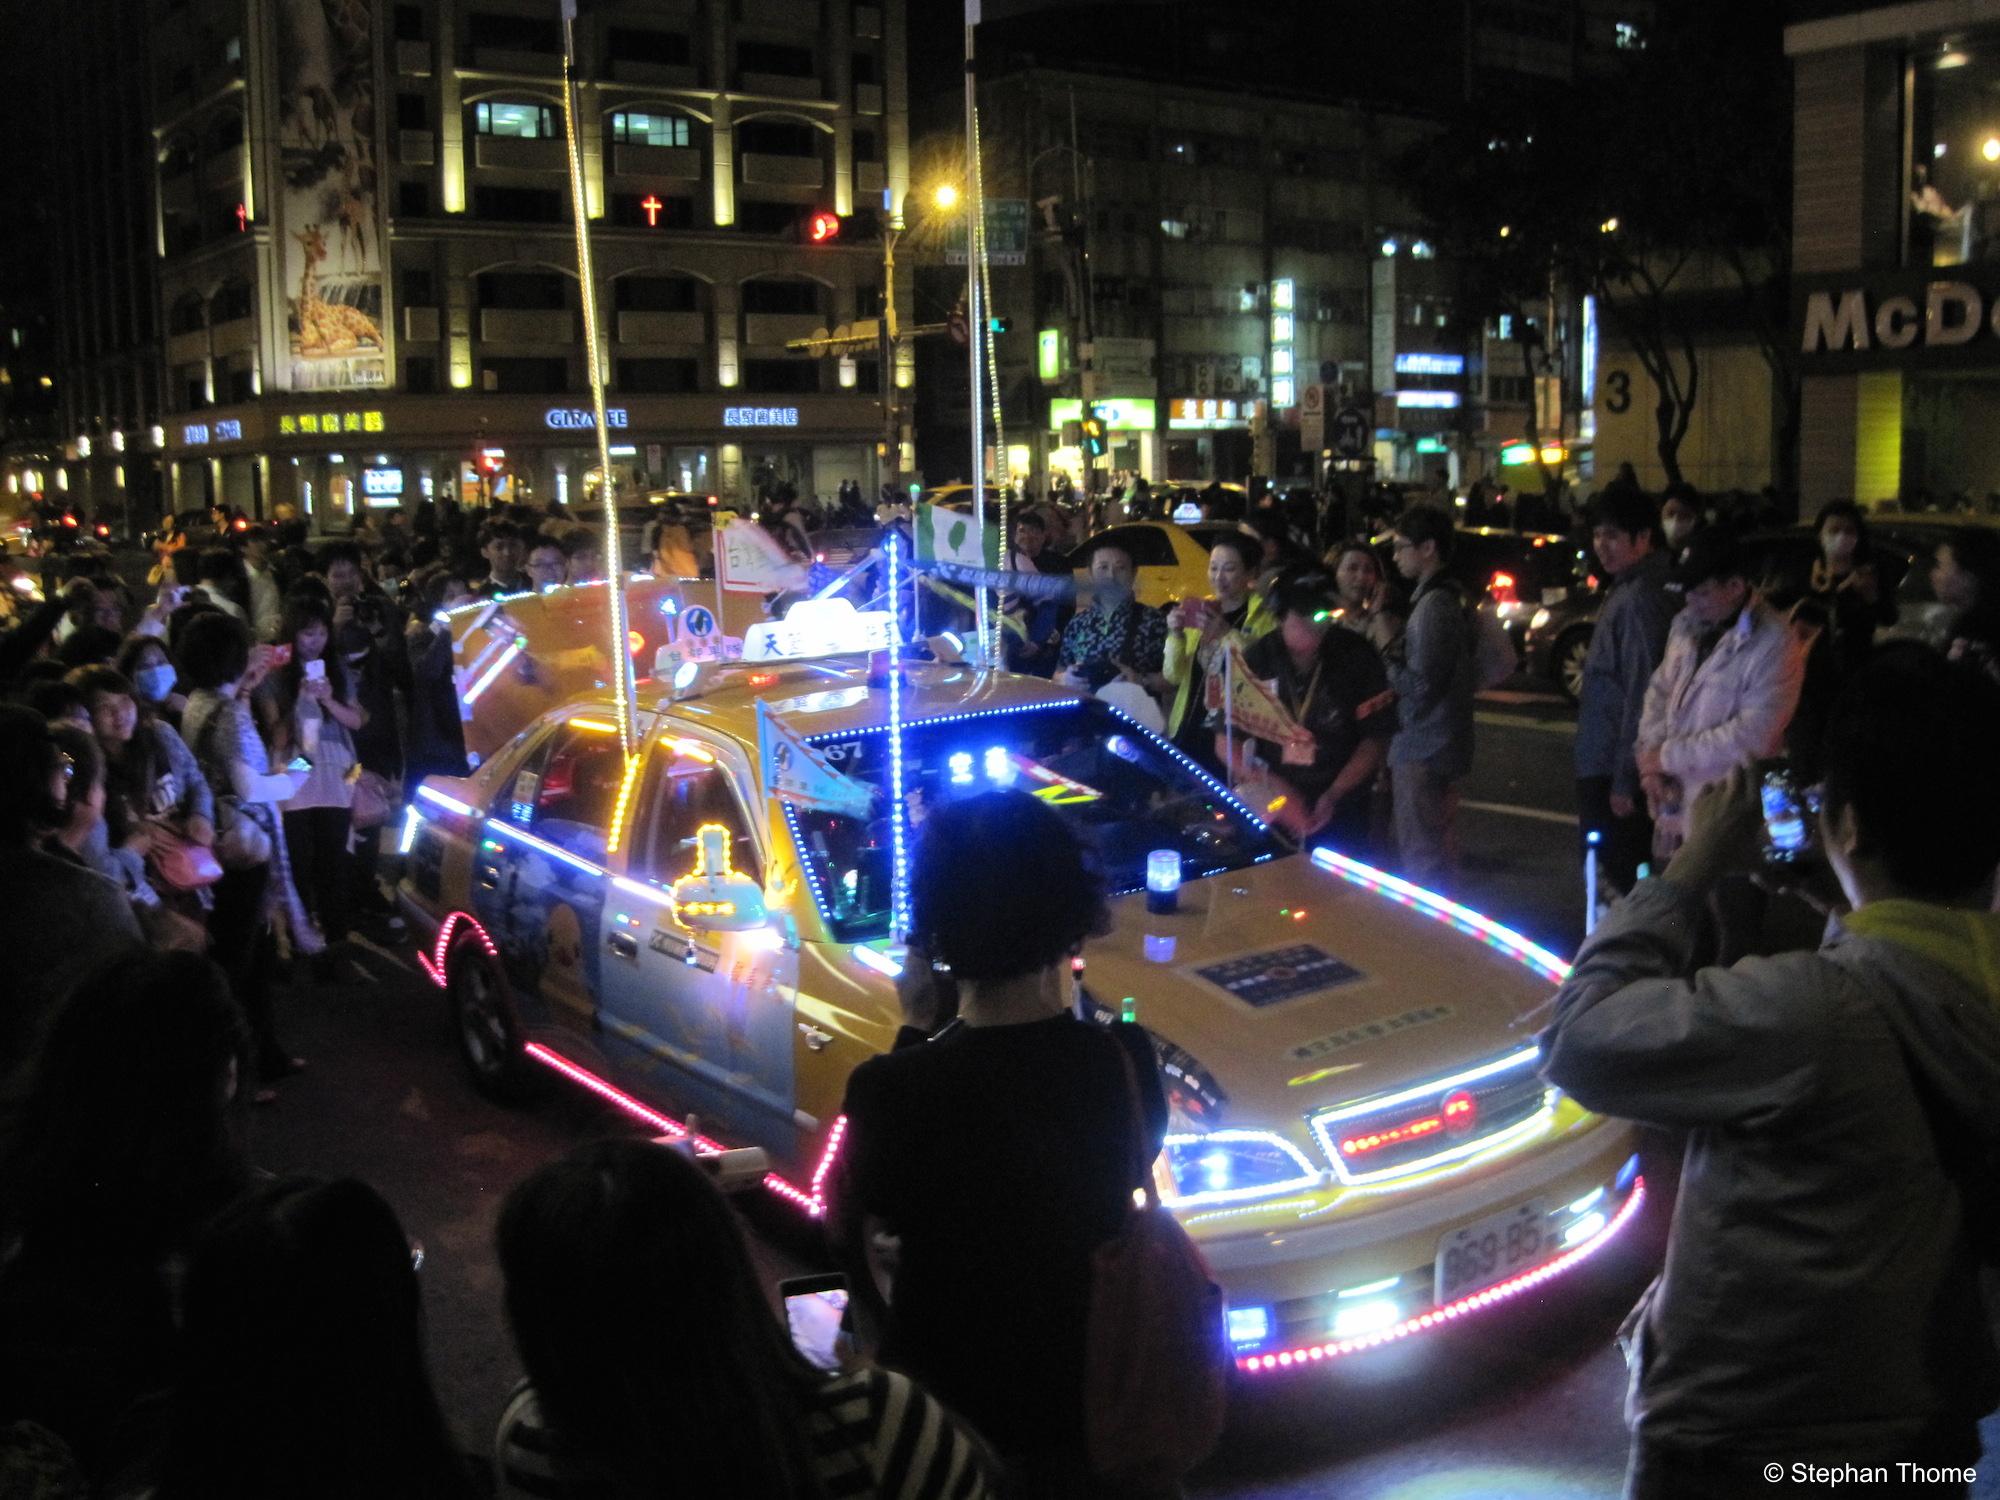 Ein Taxifahrer kommt der Aufforderung besonders eindrucksvoll nach.